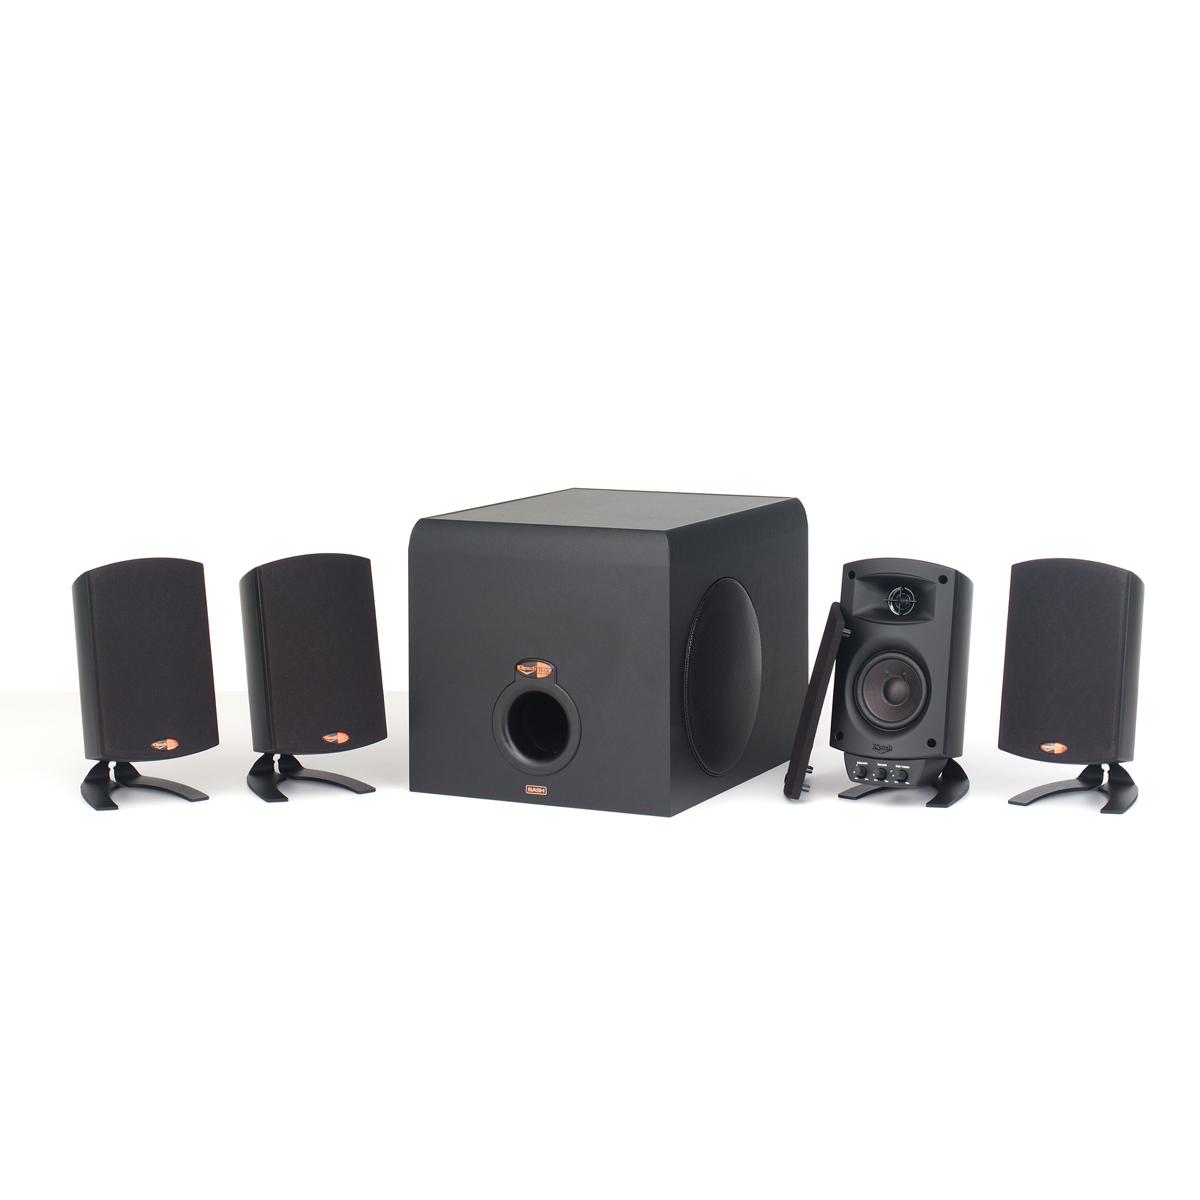 promedia v 2 400 computer speaker system klipsch. Black Bedroom Furniture Sets. Home Design Ideas